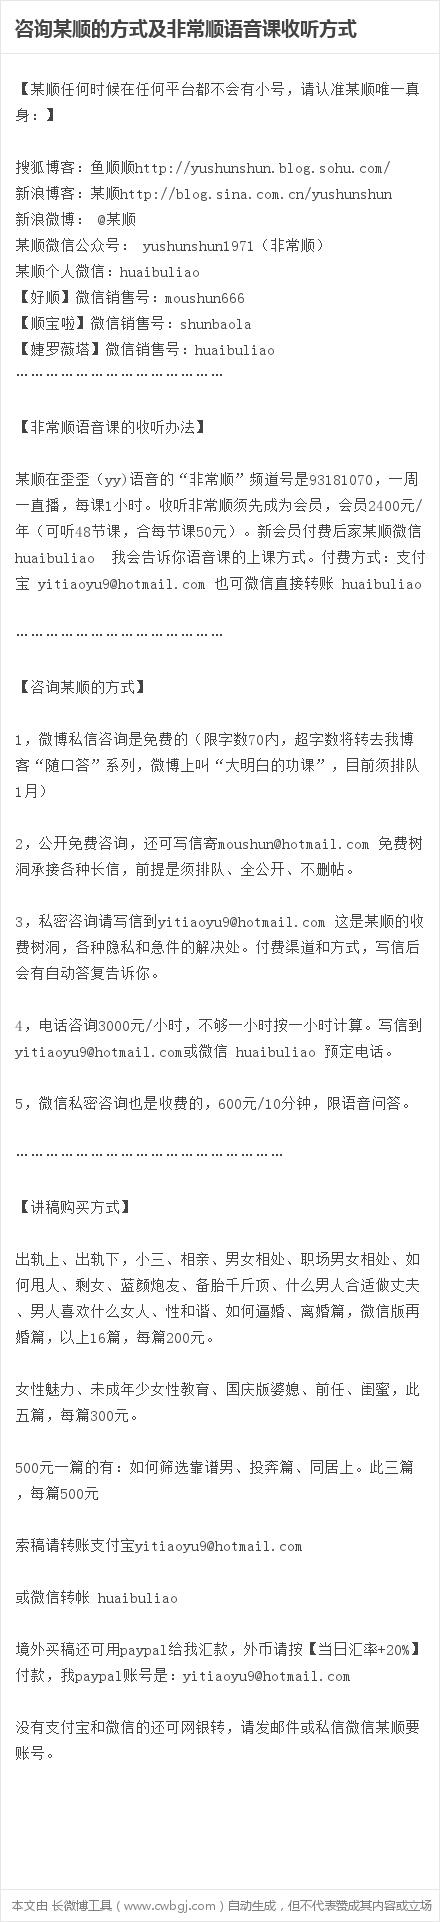 顺口答二二六八 - yushunshun - 鱼顺顺的博客